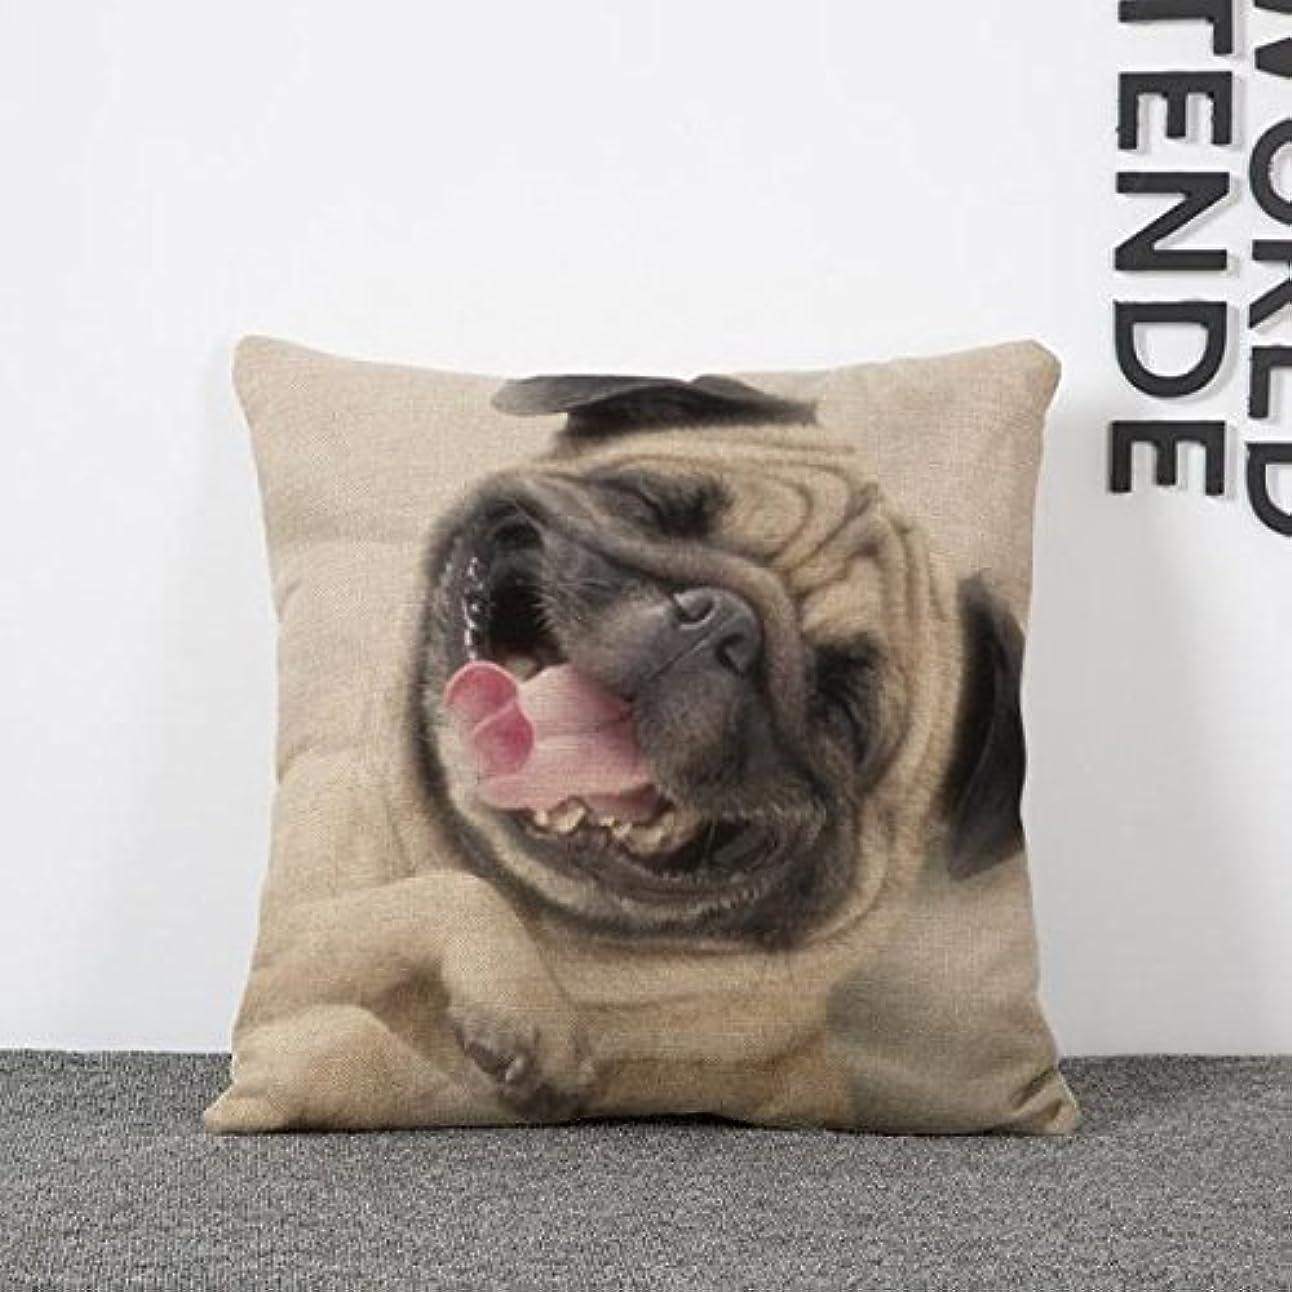 ジョイント勘違いする識字クッションカバー 犬 枕 装飾 45 * 45cm 漫画 ソファ ベッド コットン